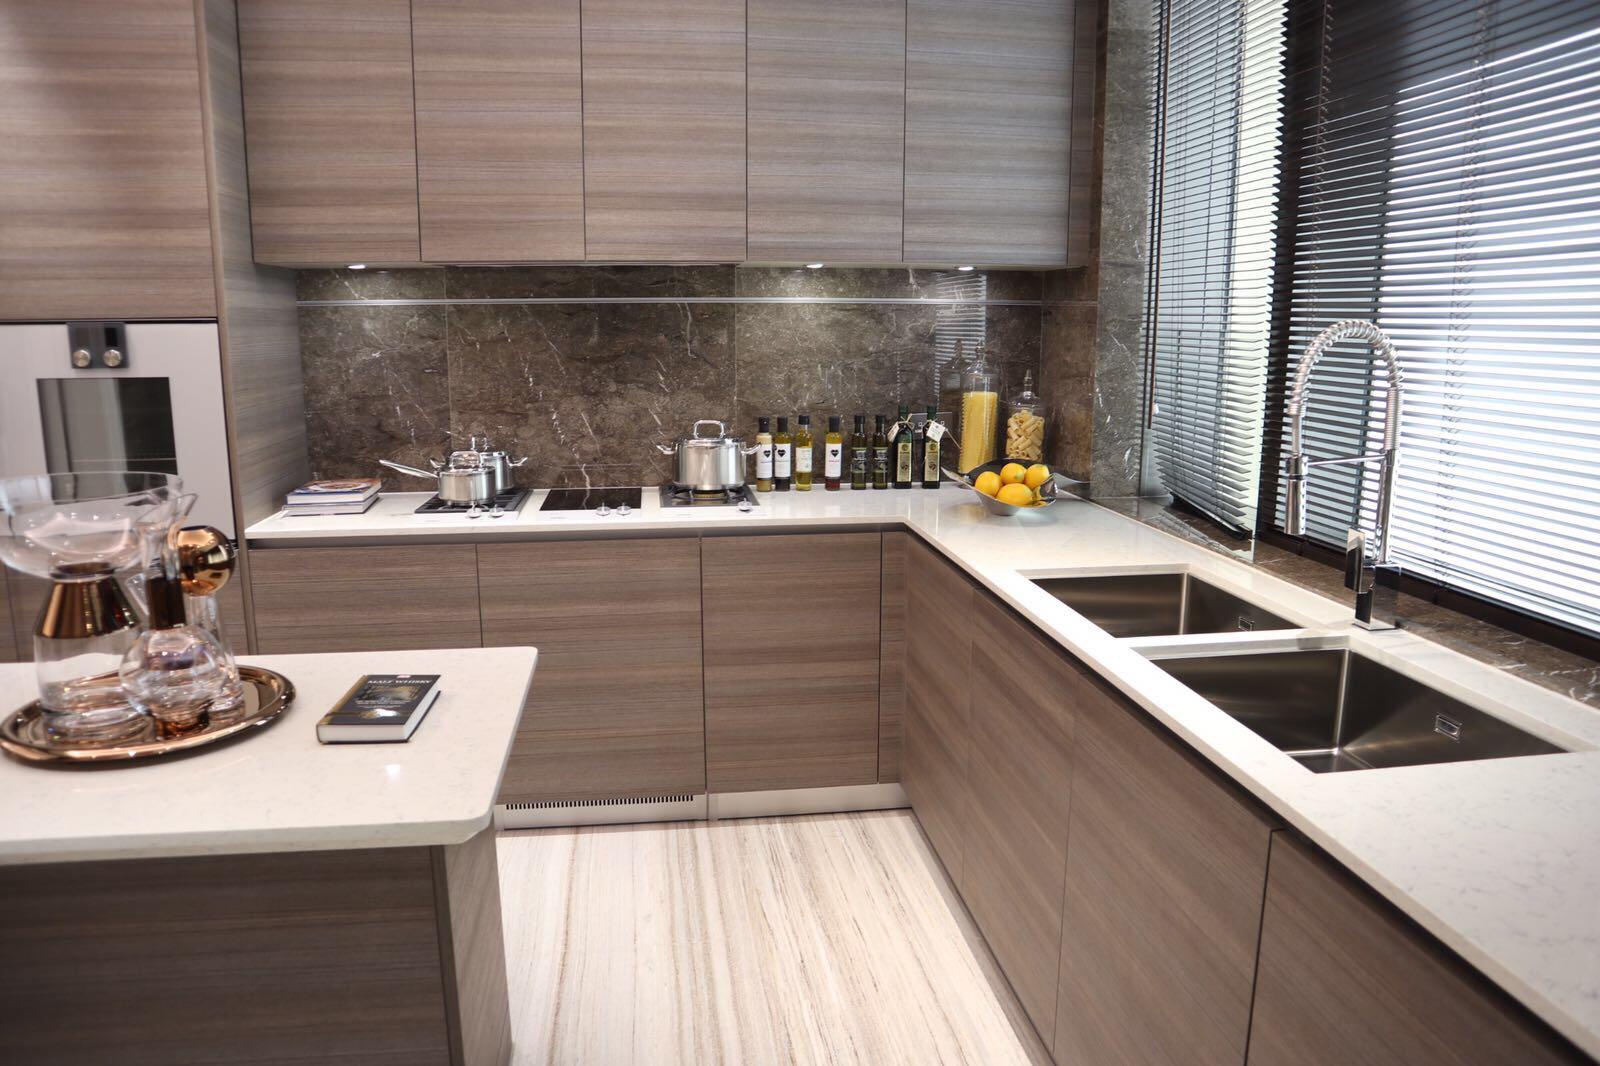 橱柜 厨房 家居 设计 装修 1600_1066